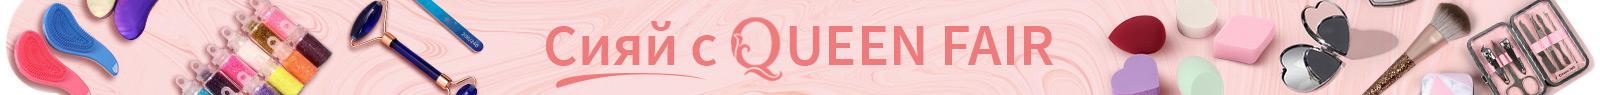 queenfair